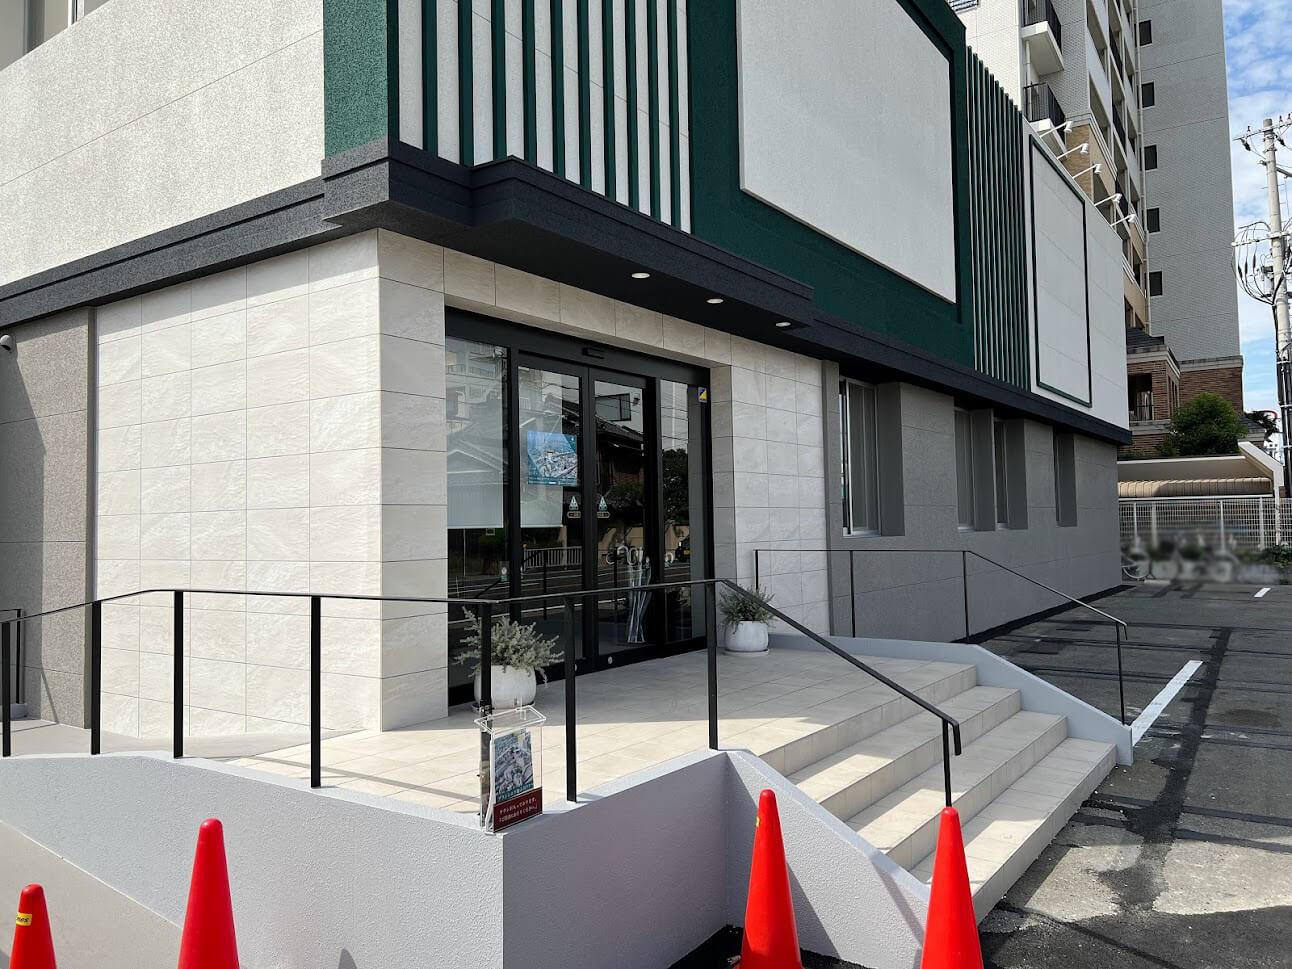 ブランシエラ加古川リアラスのマンションギャラリーっぽい建物